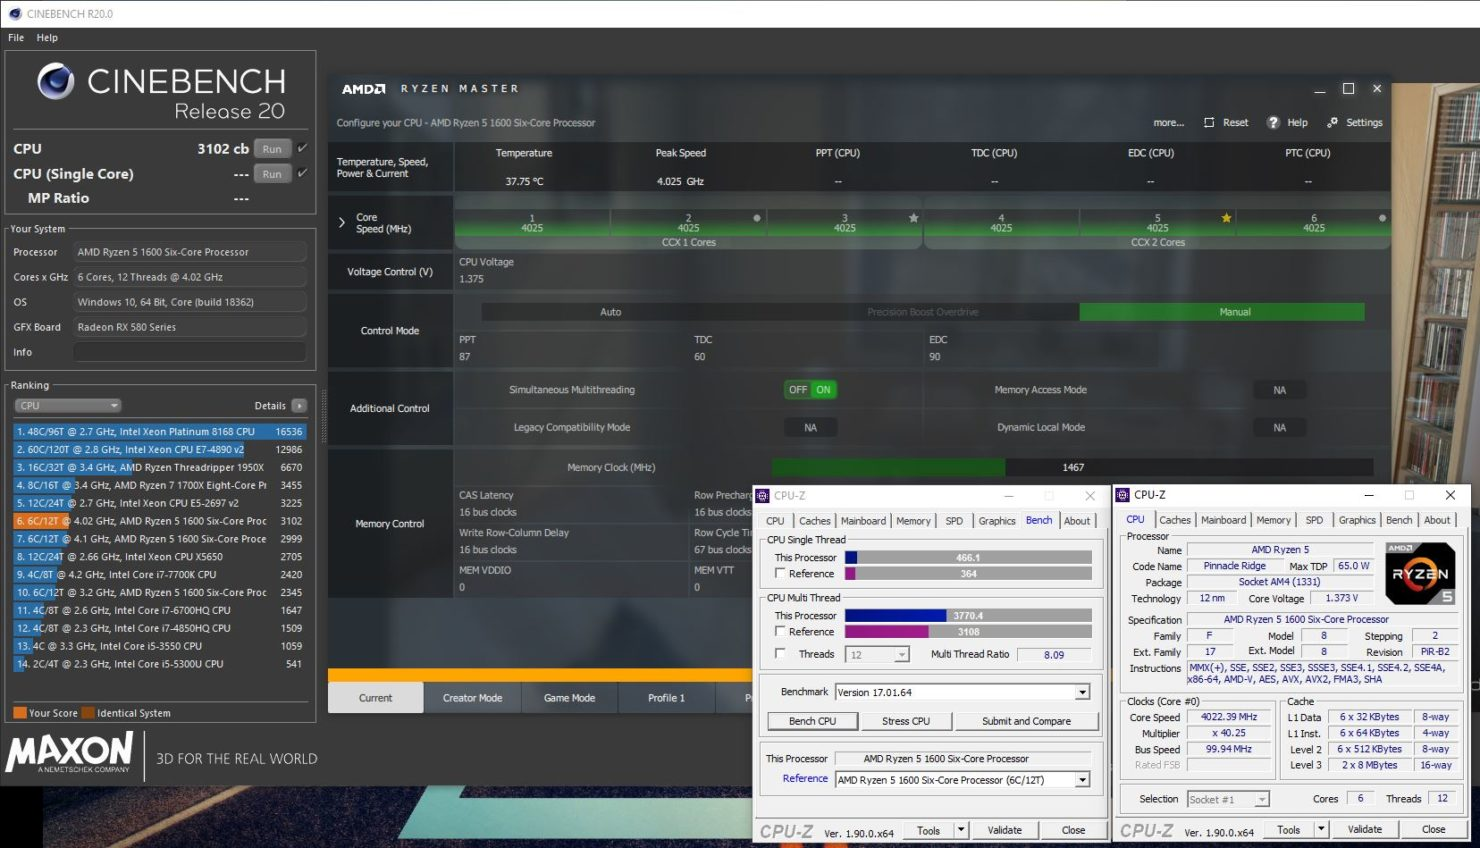 AMD Ryzen 1600 Zen +